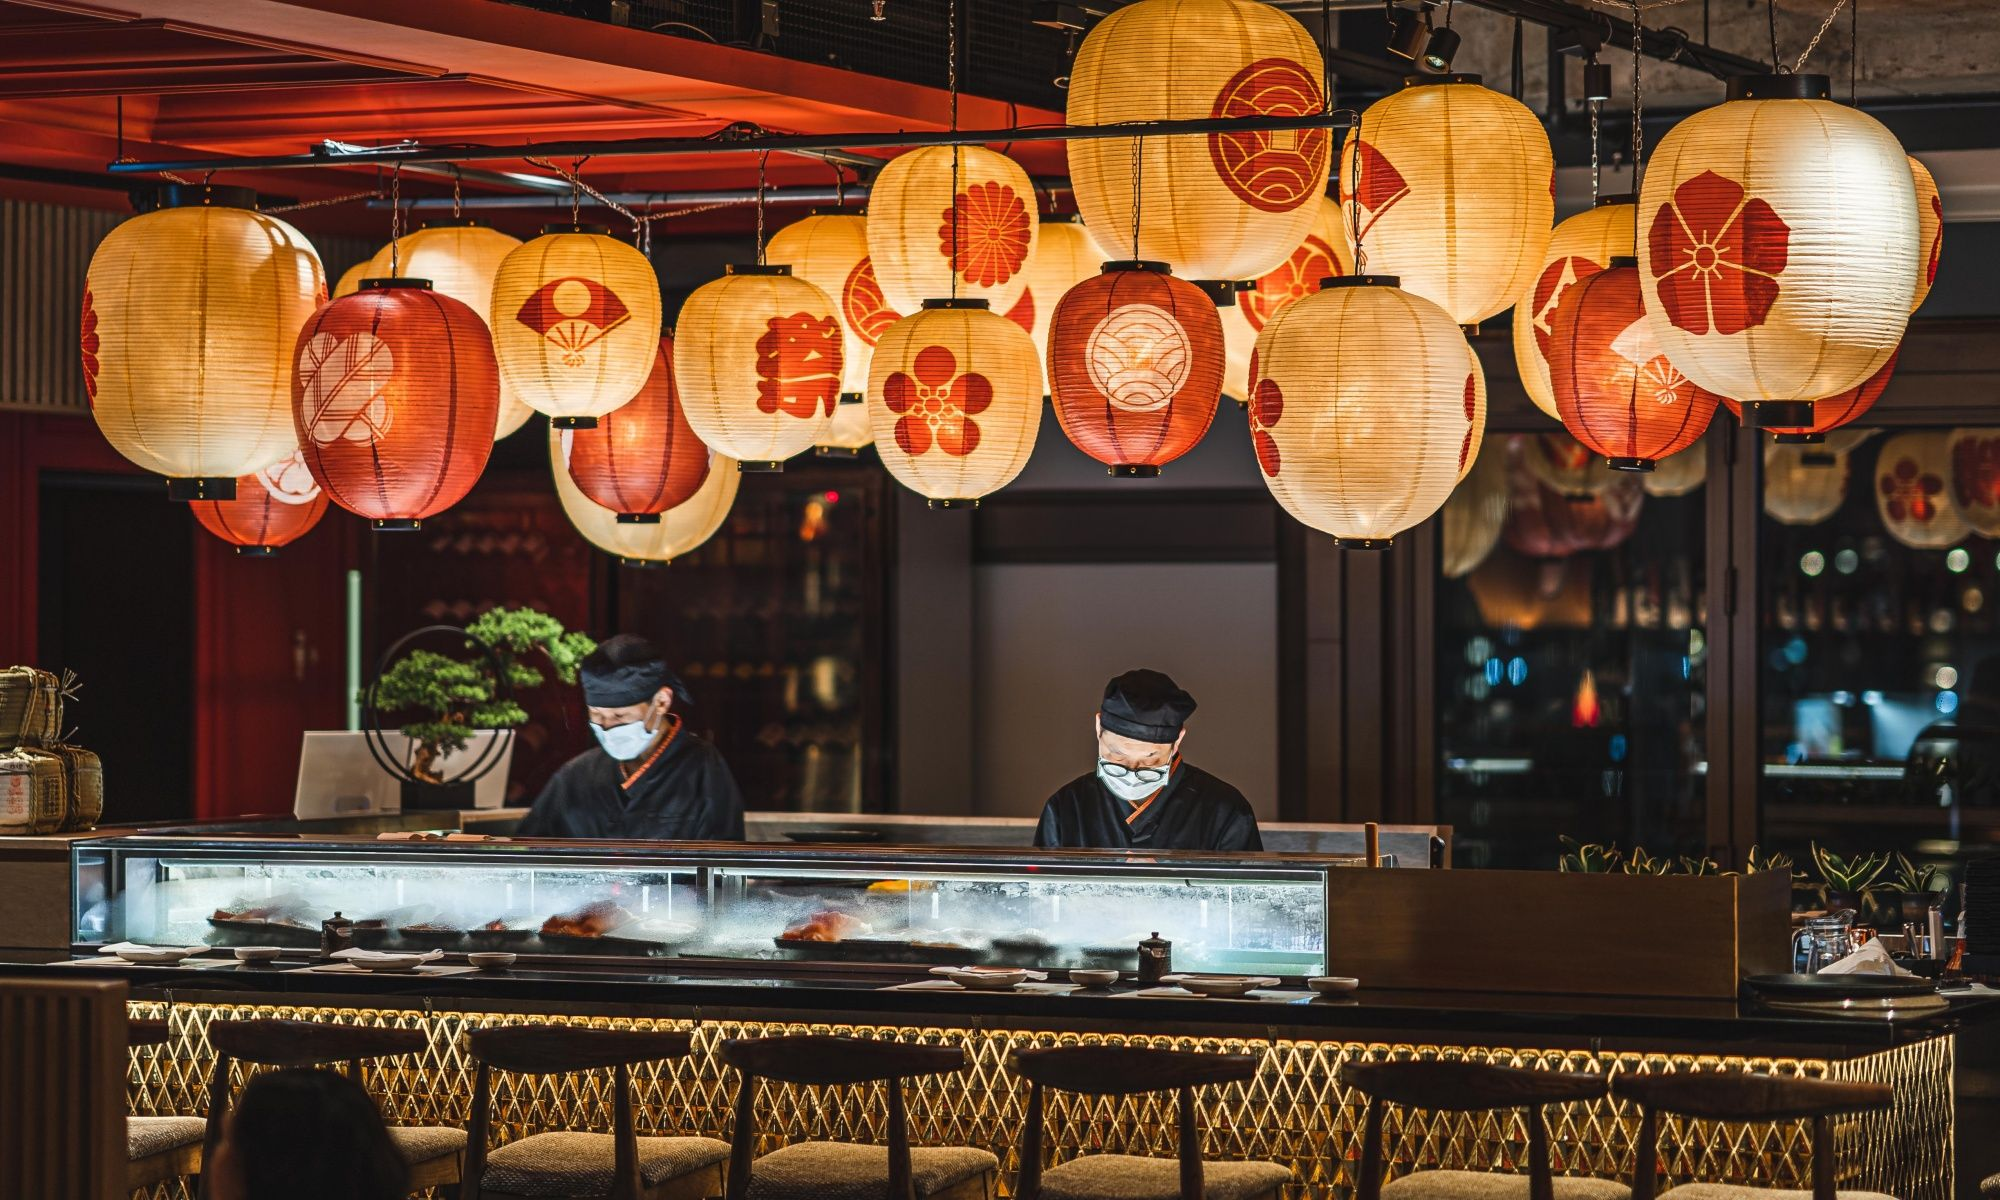 Kyoto Joe Launches Brand New Dinner Menus